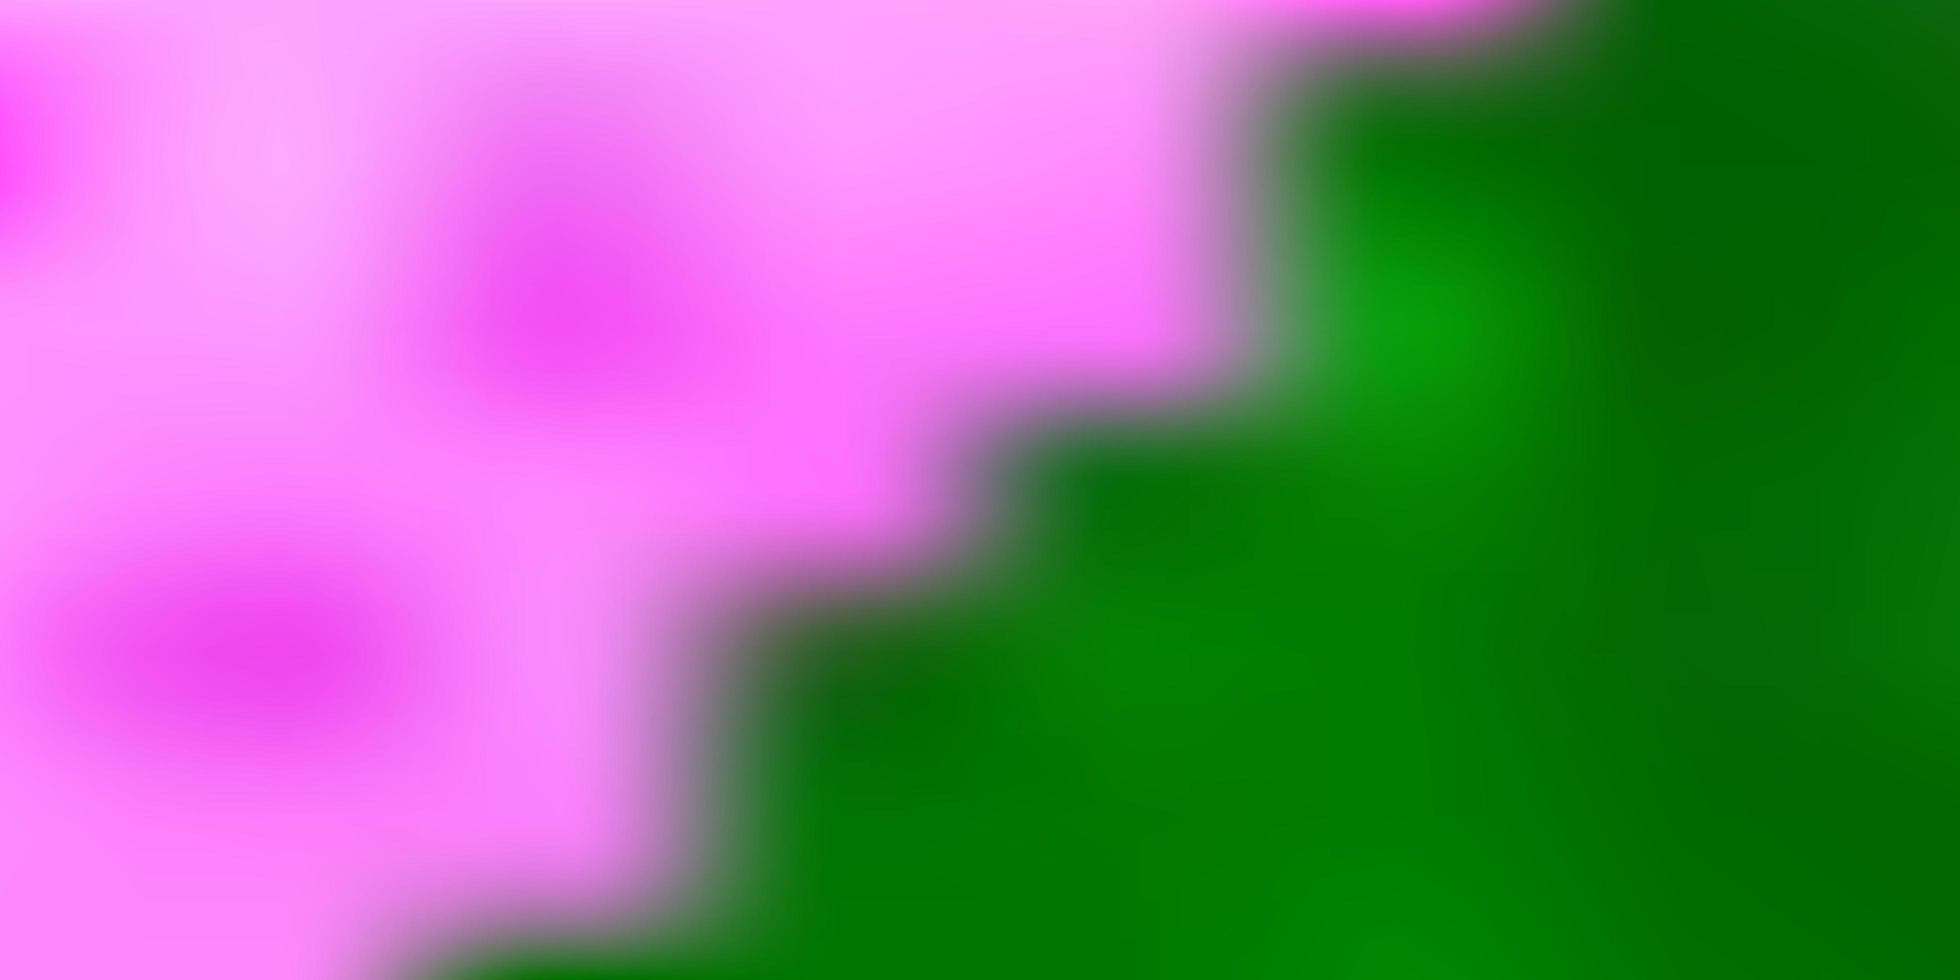 ljusgrön vektor gradient oskärpa mall.